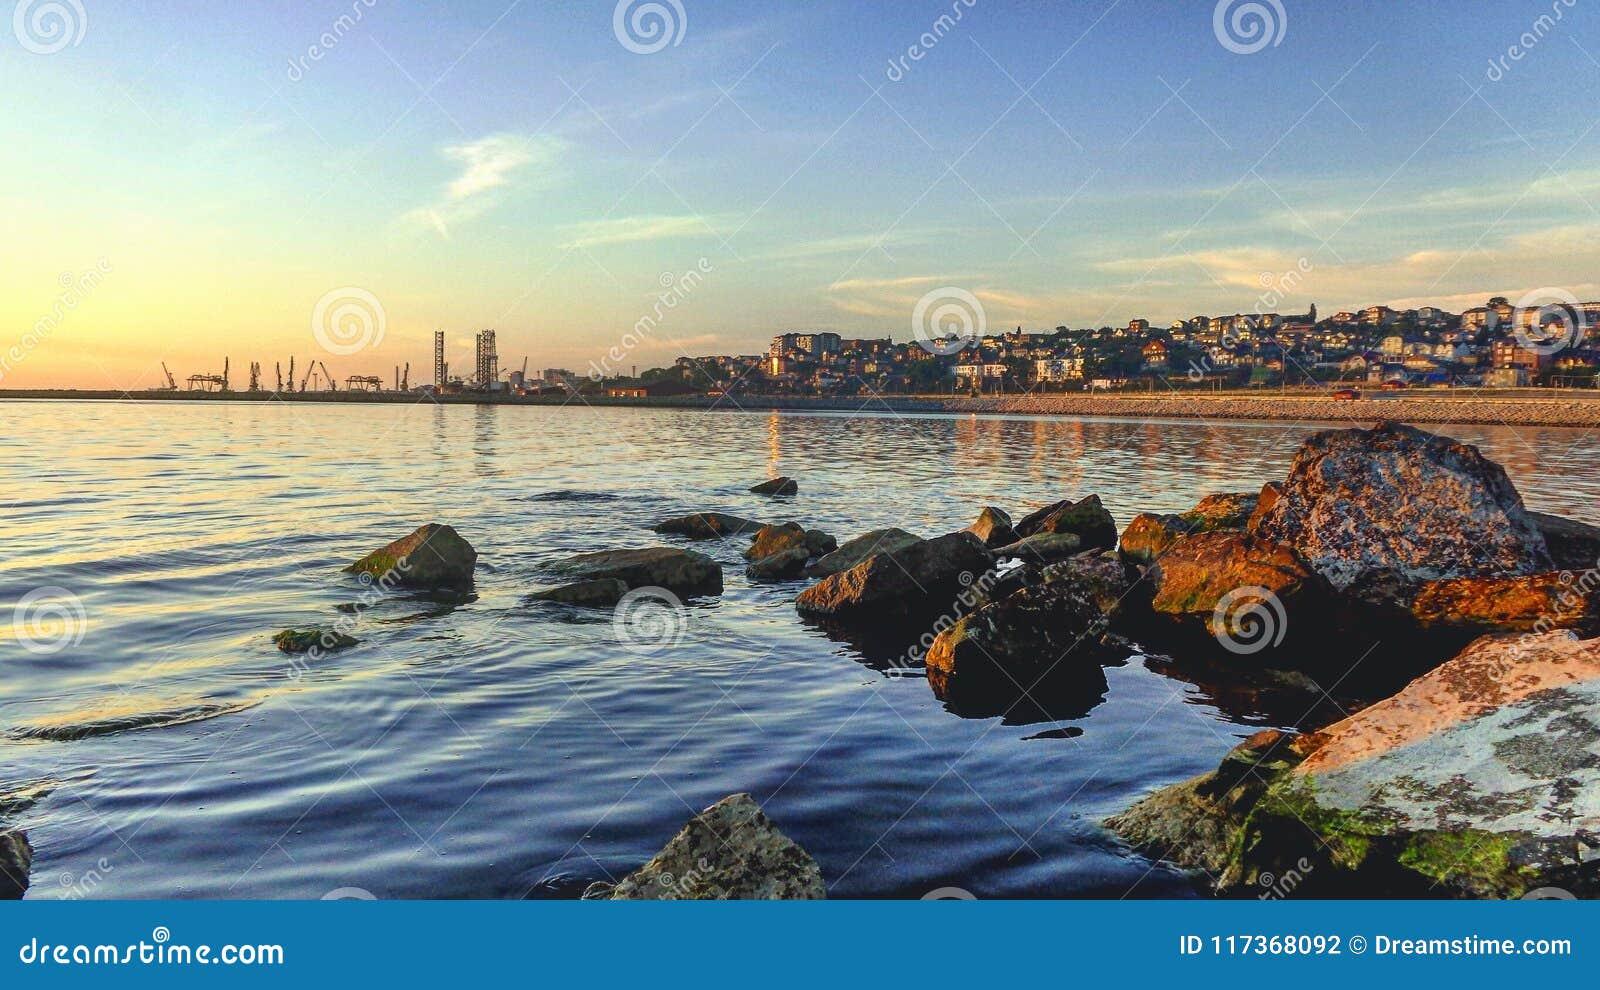 Sunrise on the coast of the Caspian sea